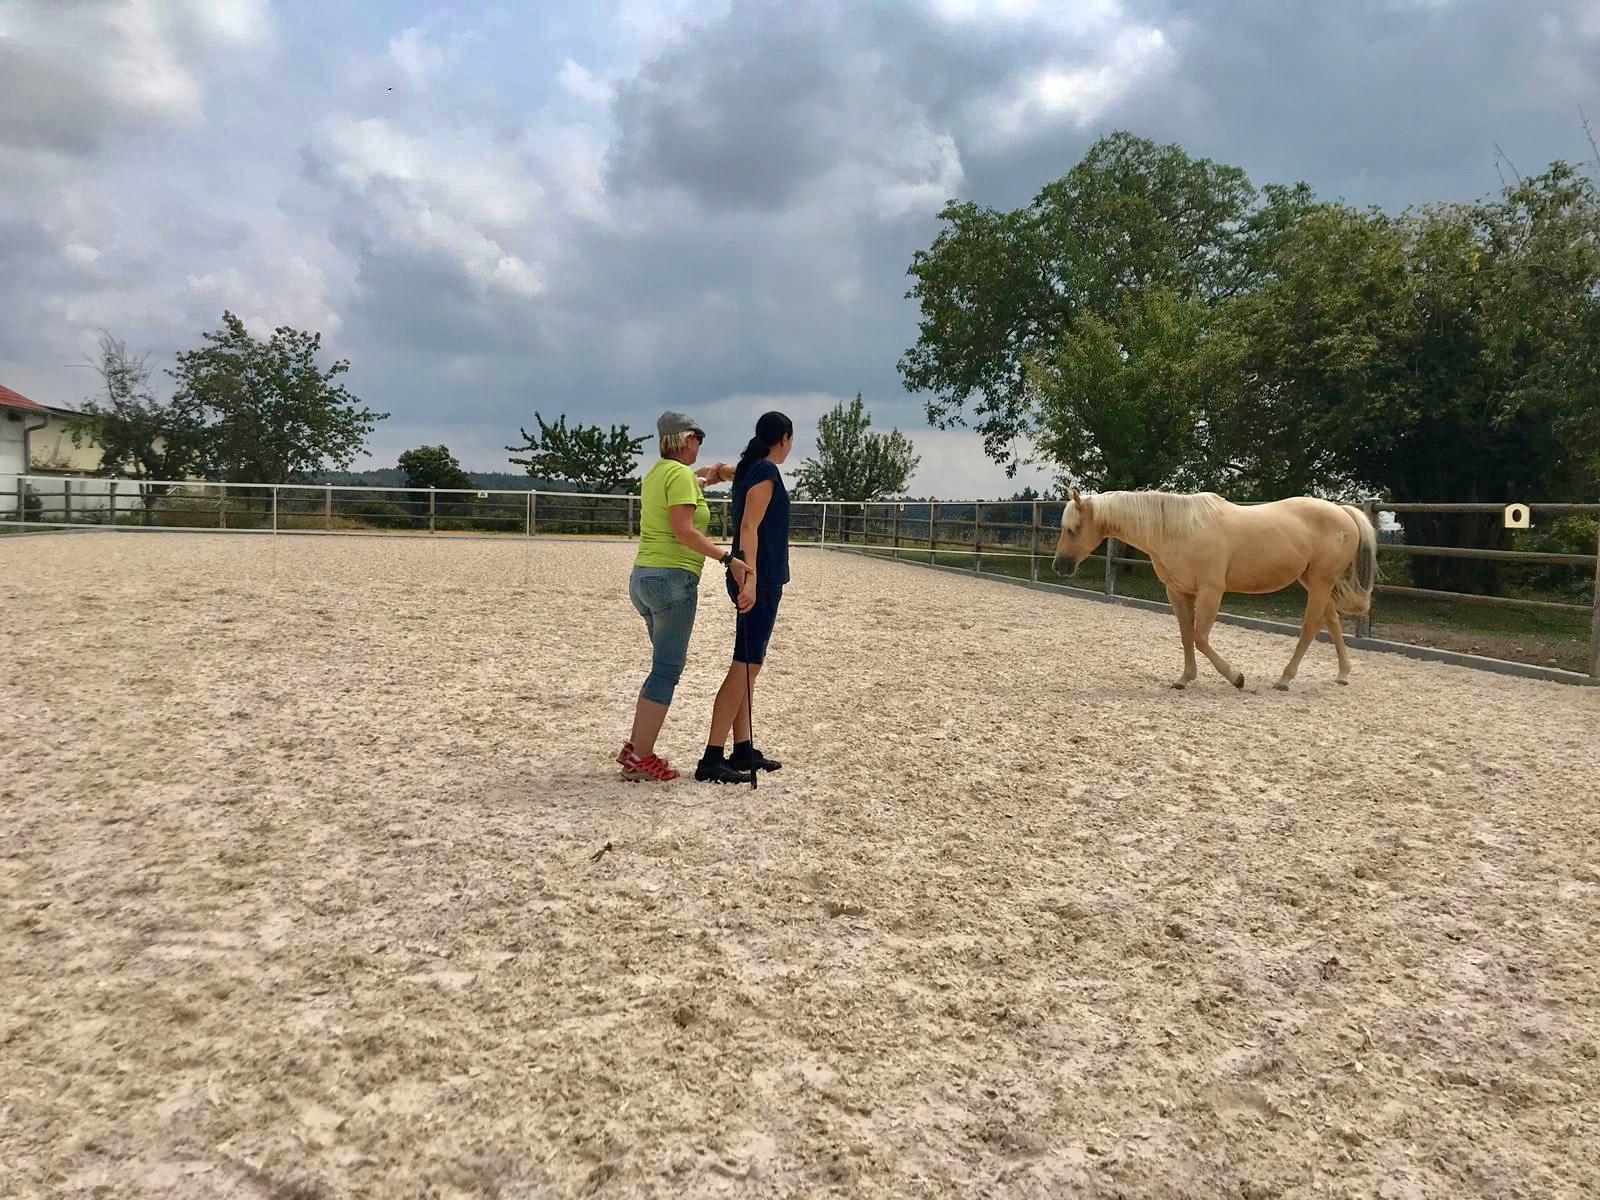 Kommunikation mit dem Pferd lernen